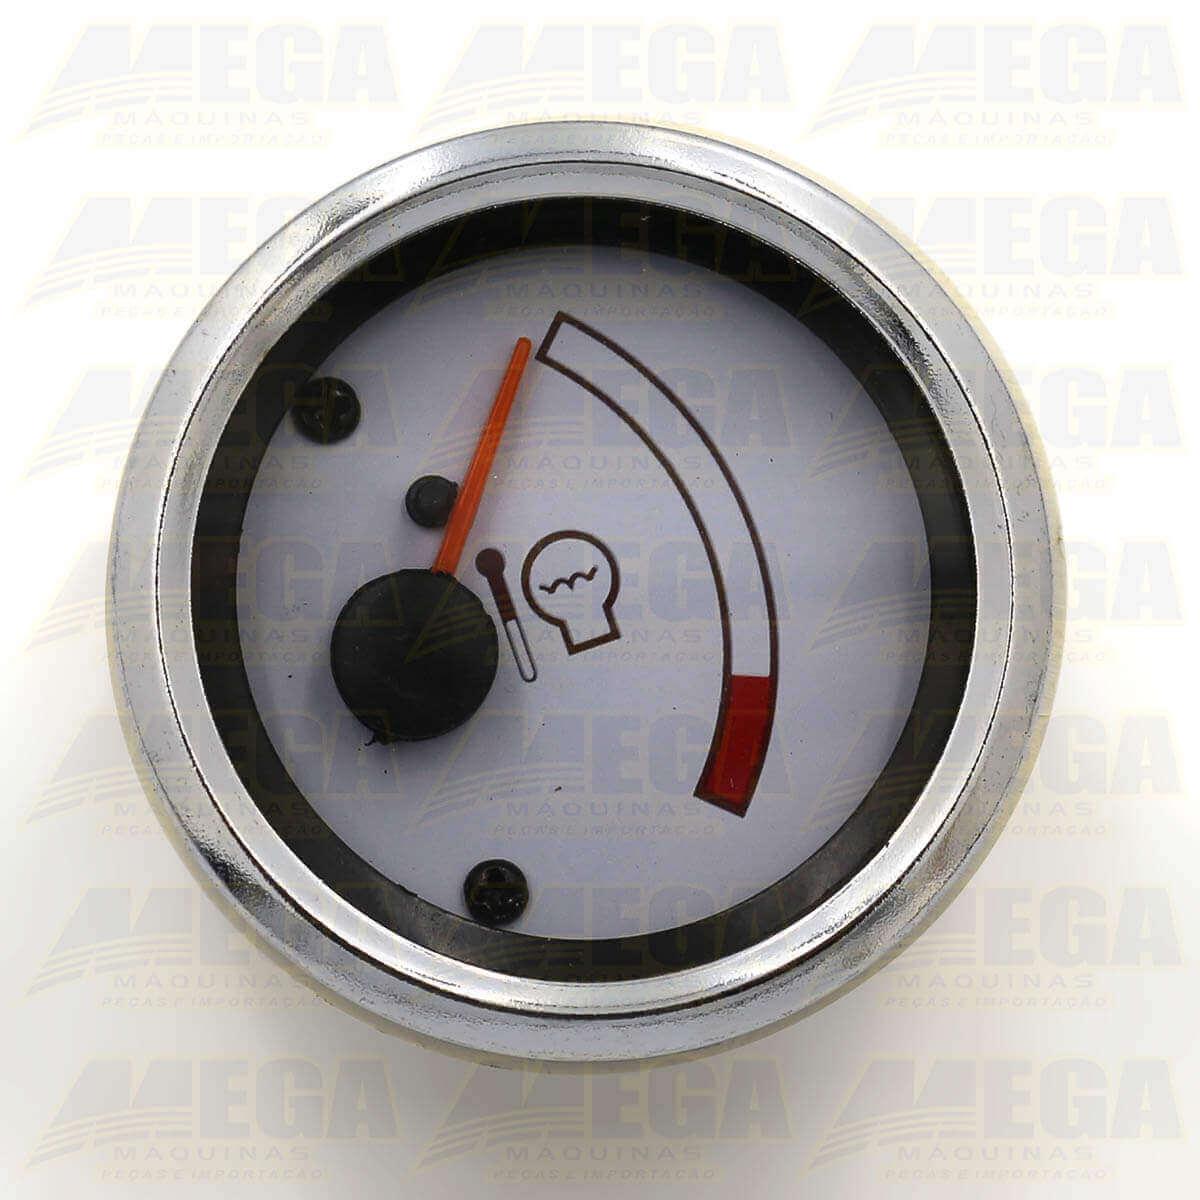 Relogio Temperatura 704/50099 70450099